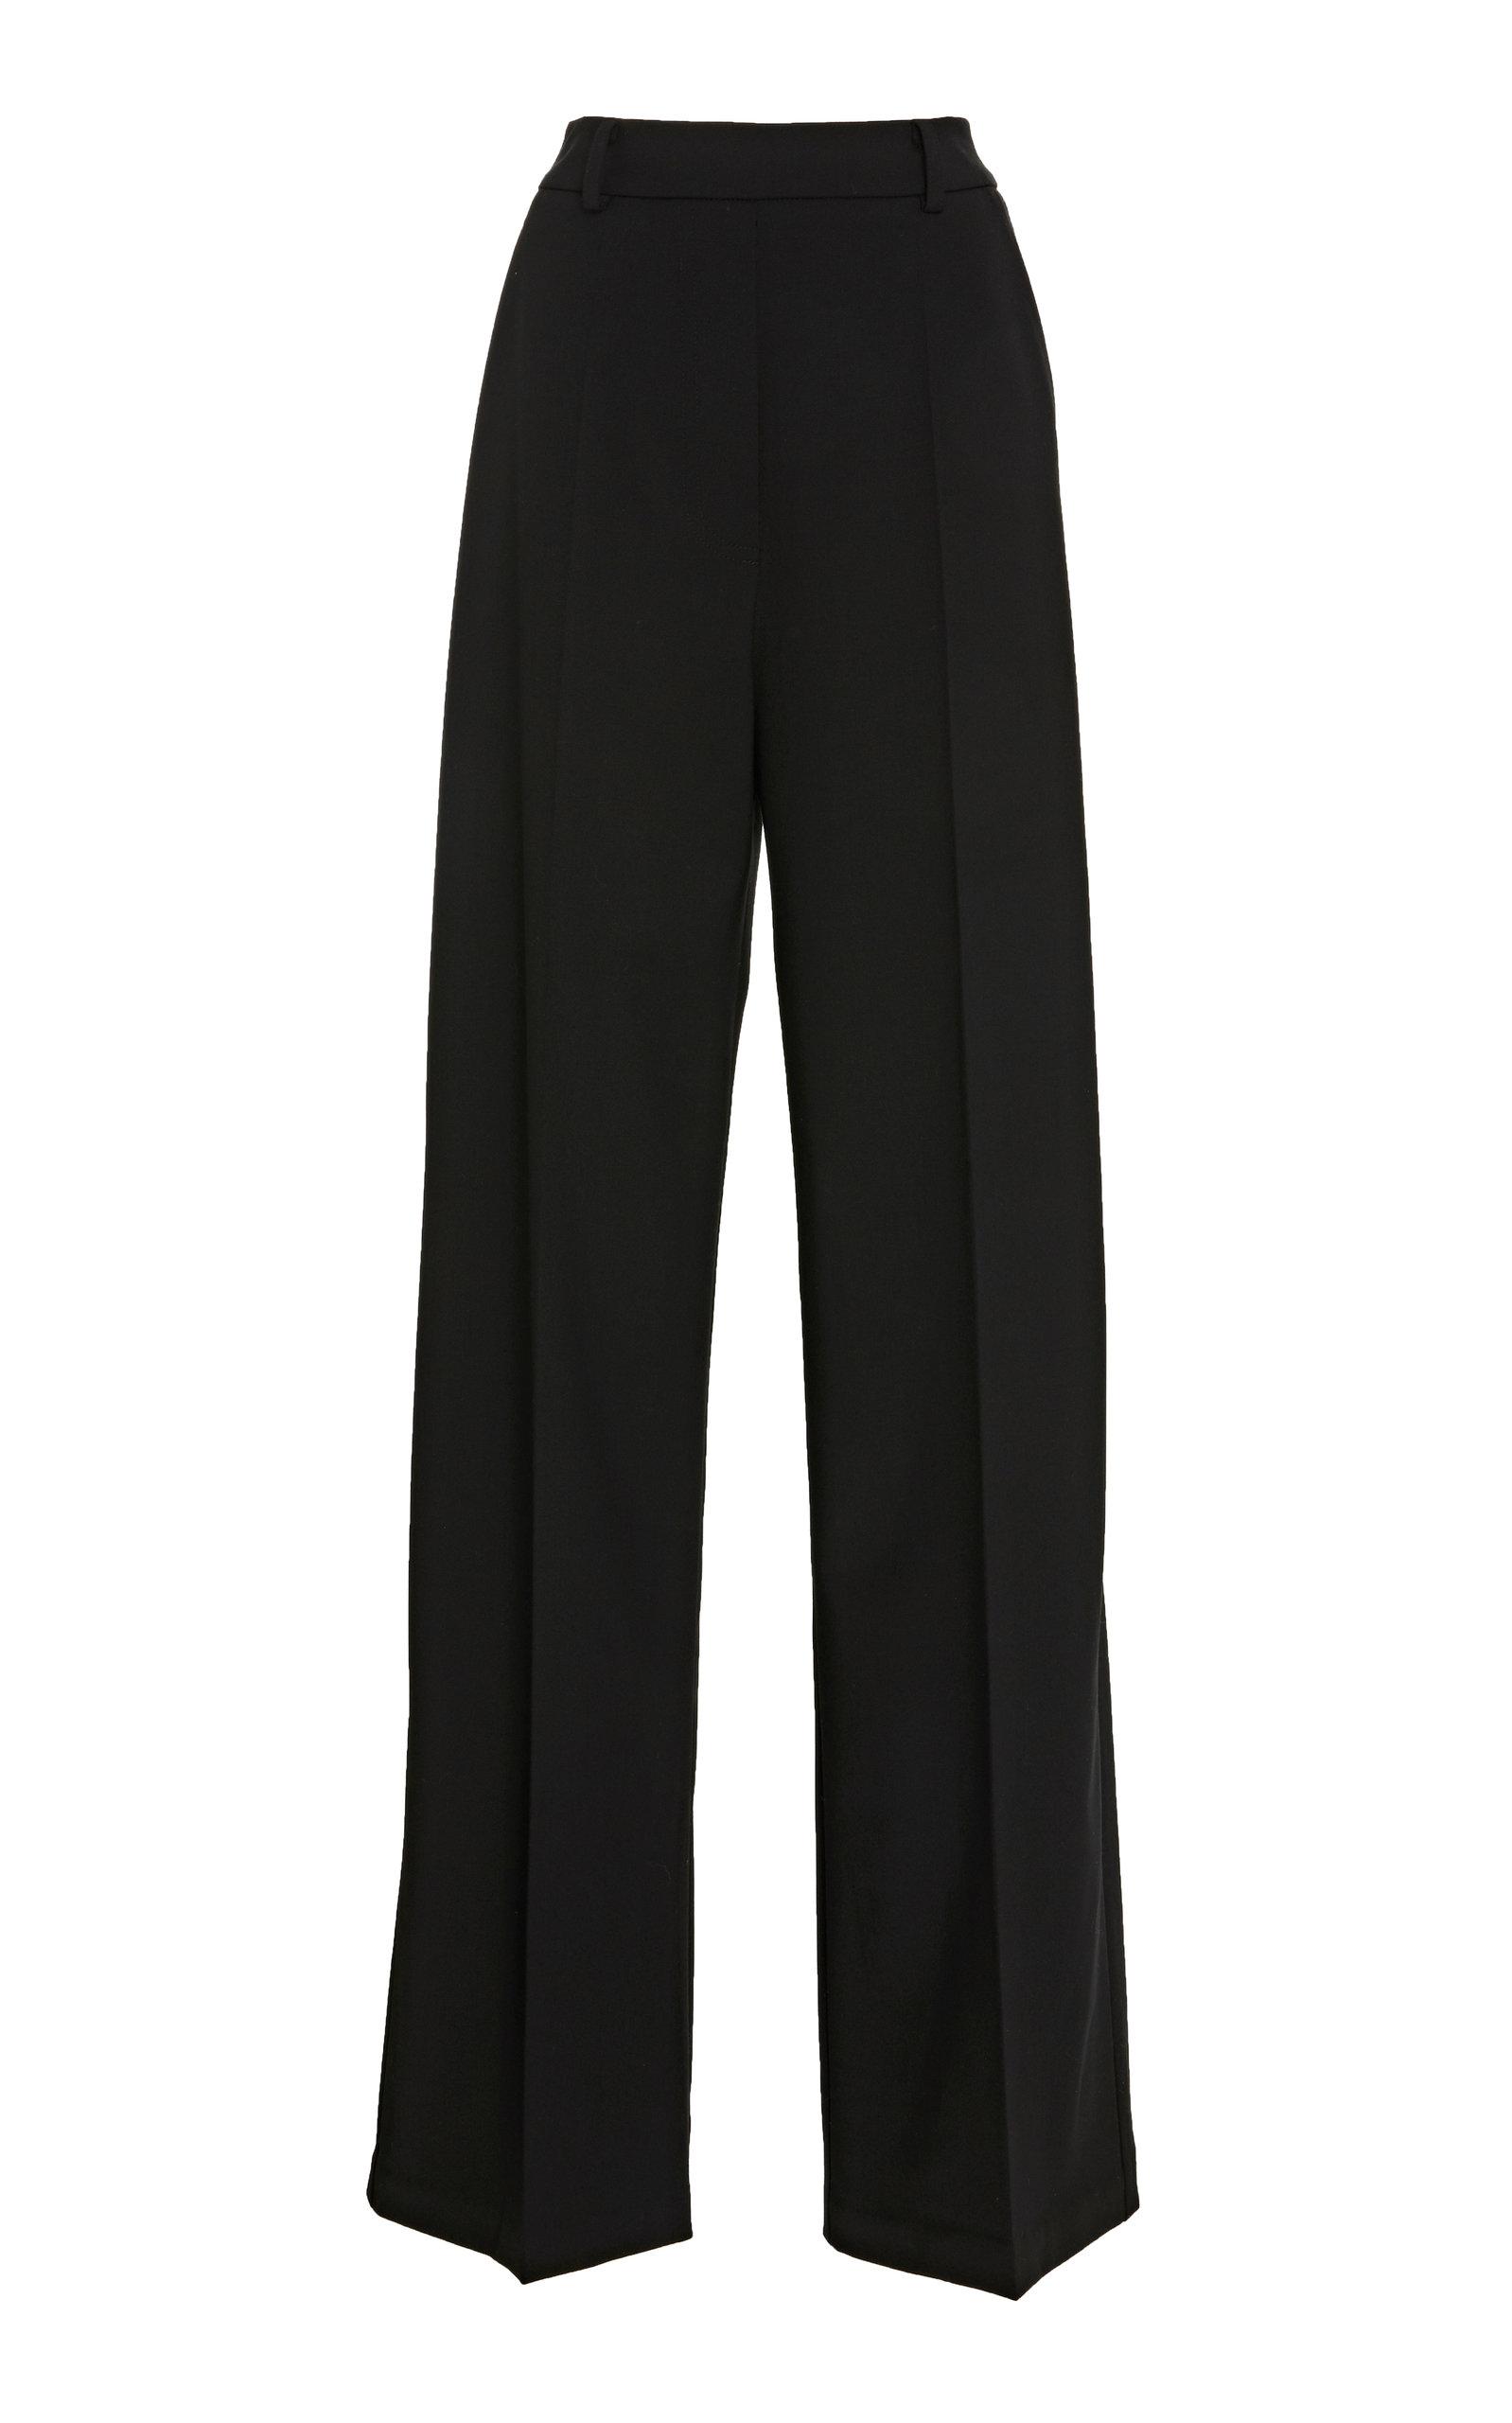 Moneta Trouser in Black